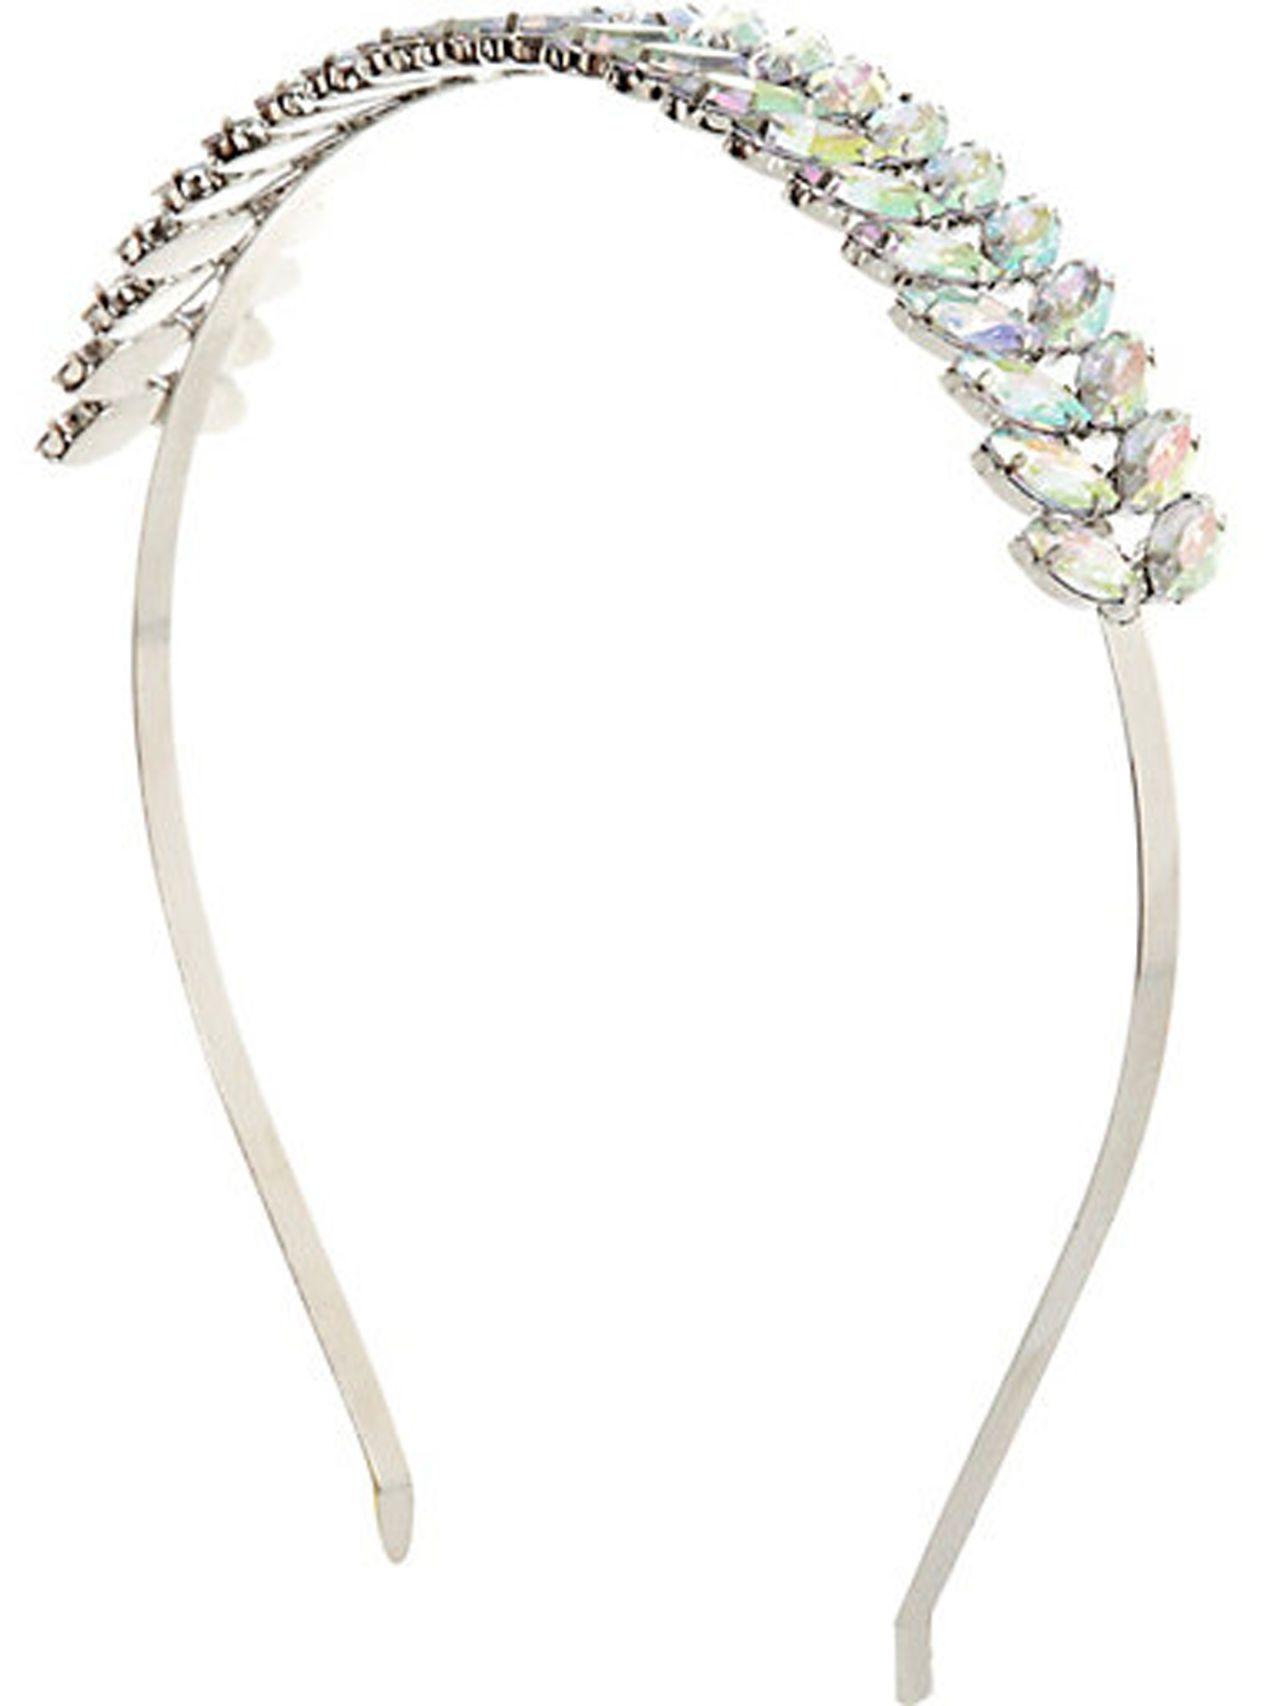 10 Cute Prom Headbands - Prom Hair Accessories da458bf3a6b